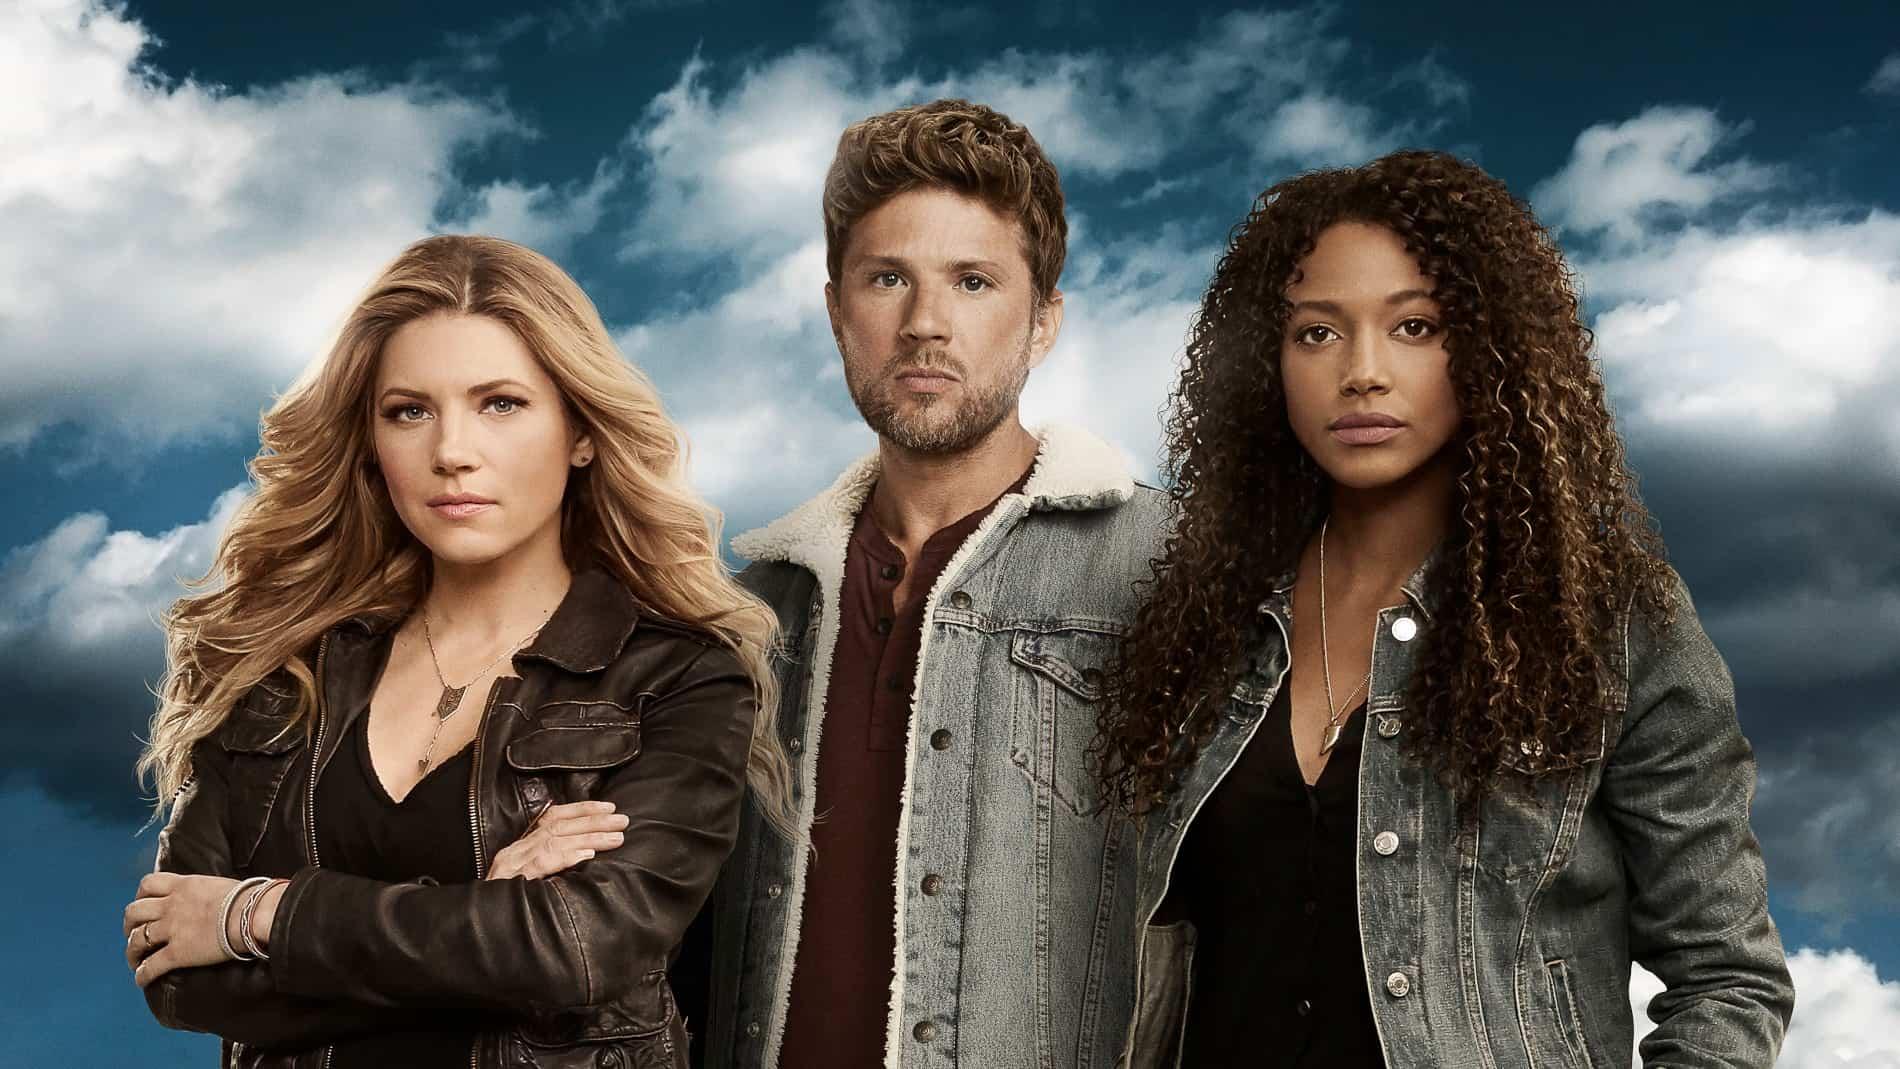 Die neue Thriller-Serie Big Sky ist gerade um sechs weitere Folgen erweitert worden (auf 16) und startet am 23. Februar bei Star.